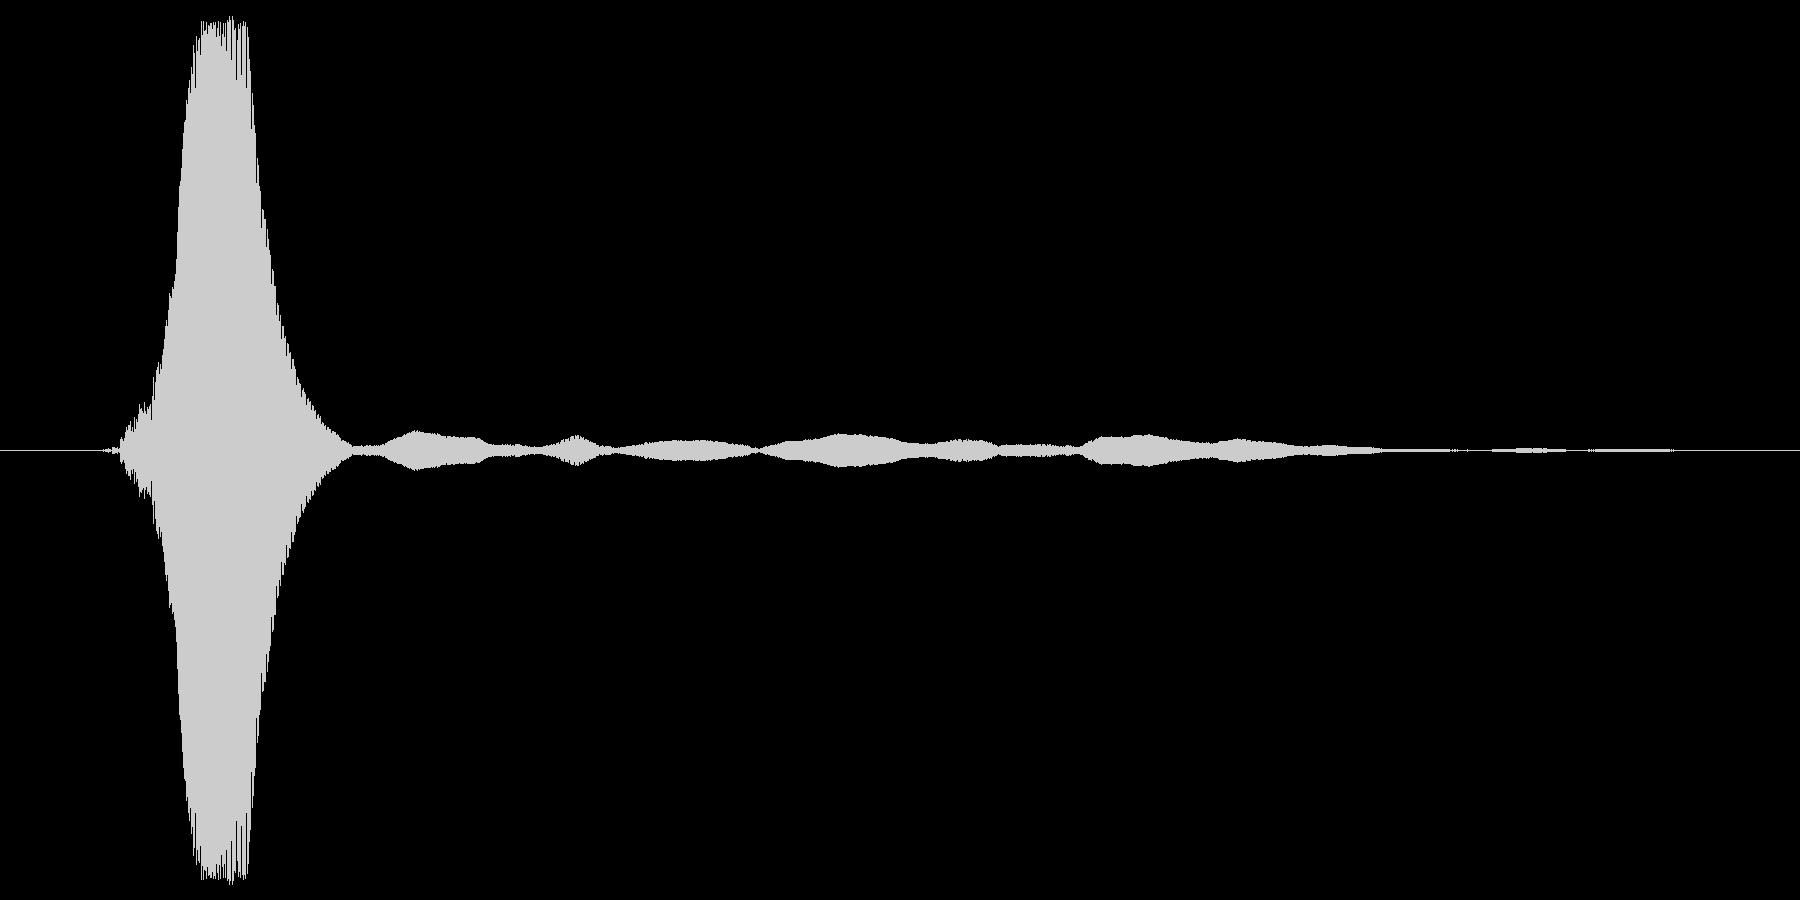 ピッ というシステム音の未再生の波形